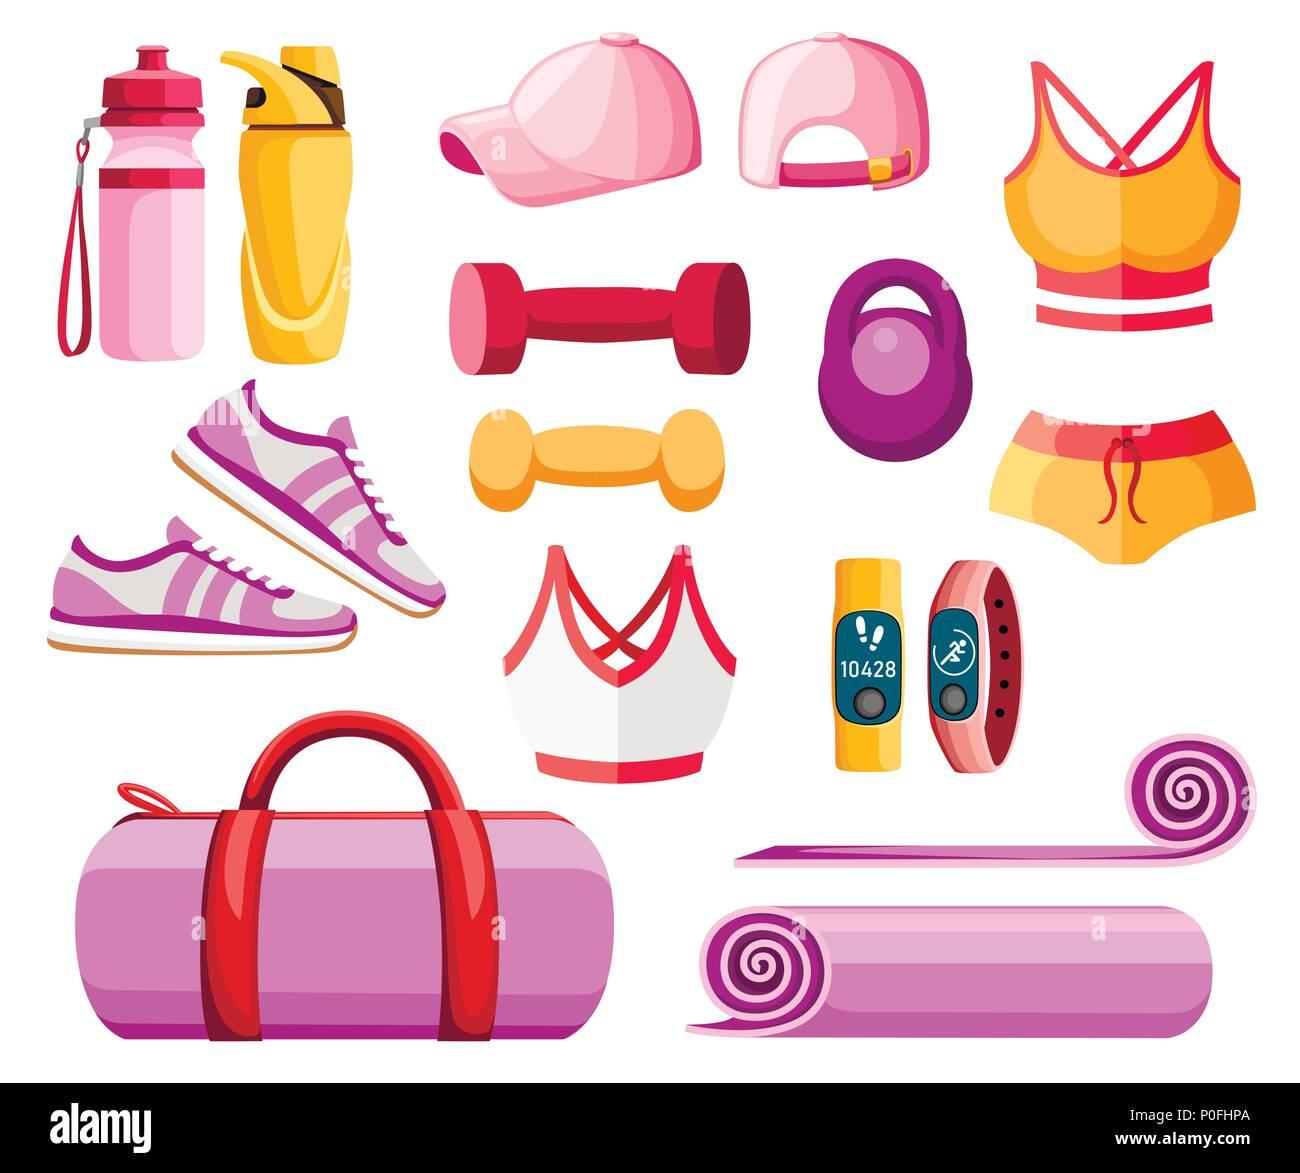 ensemble d u0026 39 accessoires de sport et des v u00eatements  les tenues des femmes  collection couleur